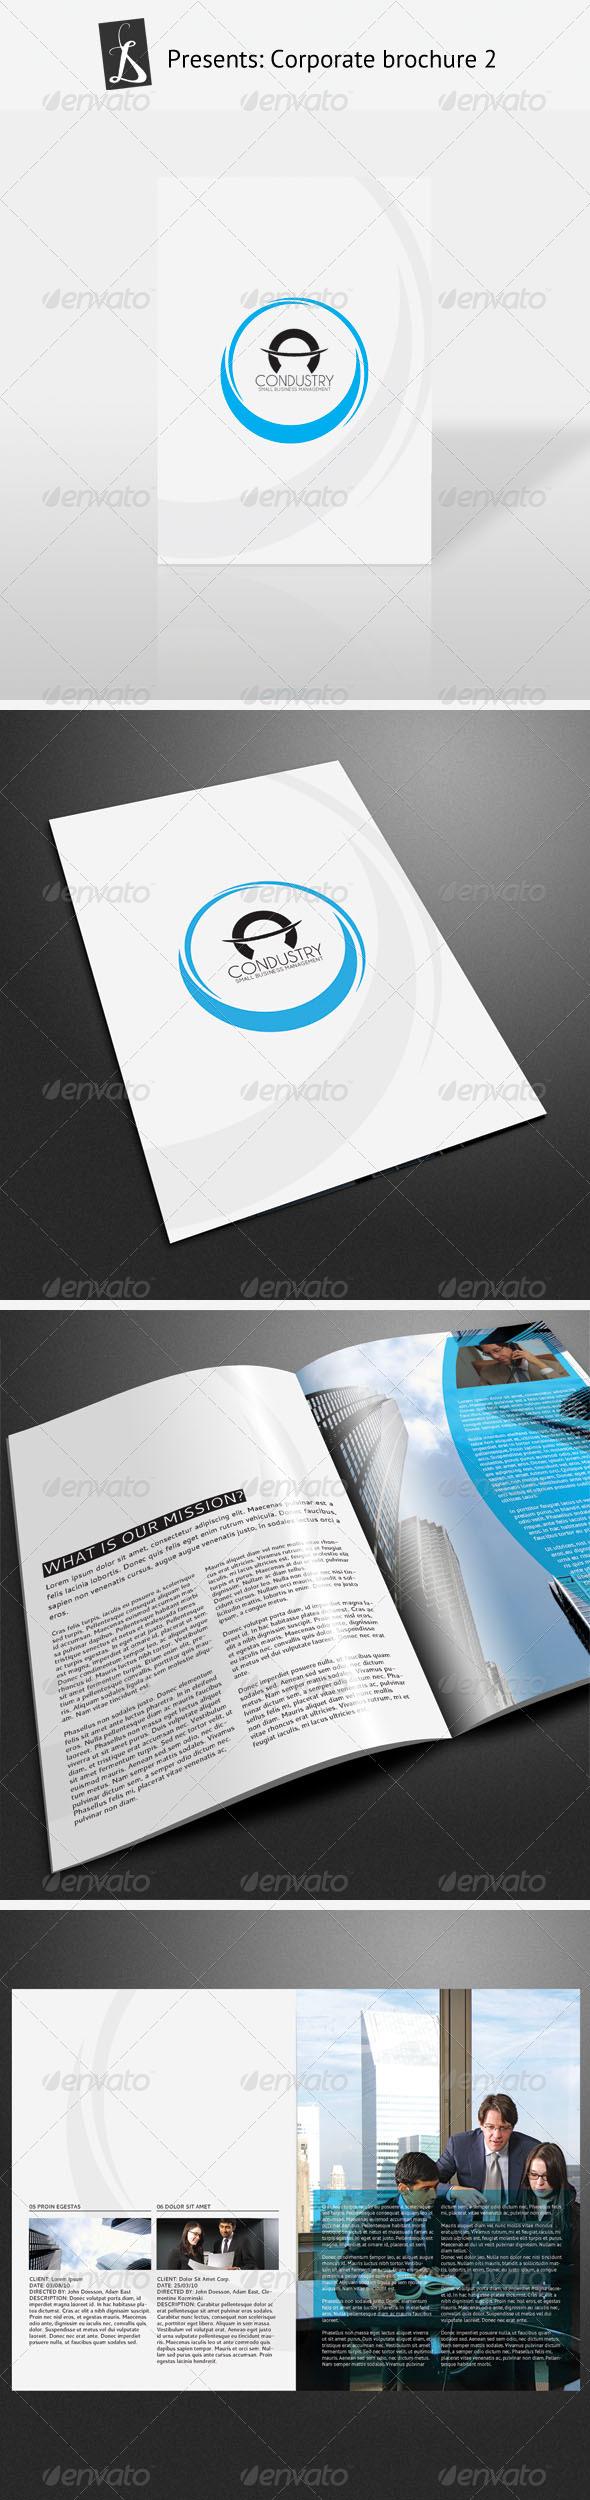 GraphicRiver Corporate Brochure 2 162927